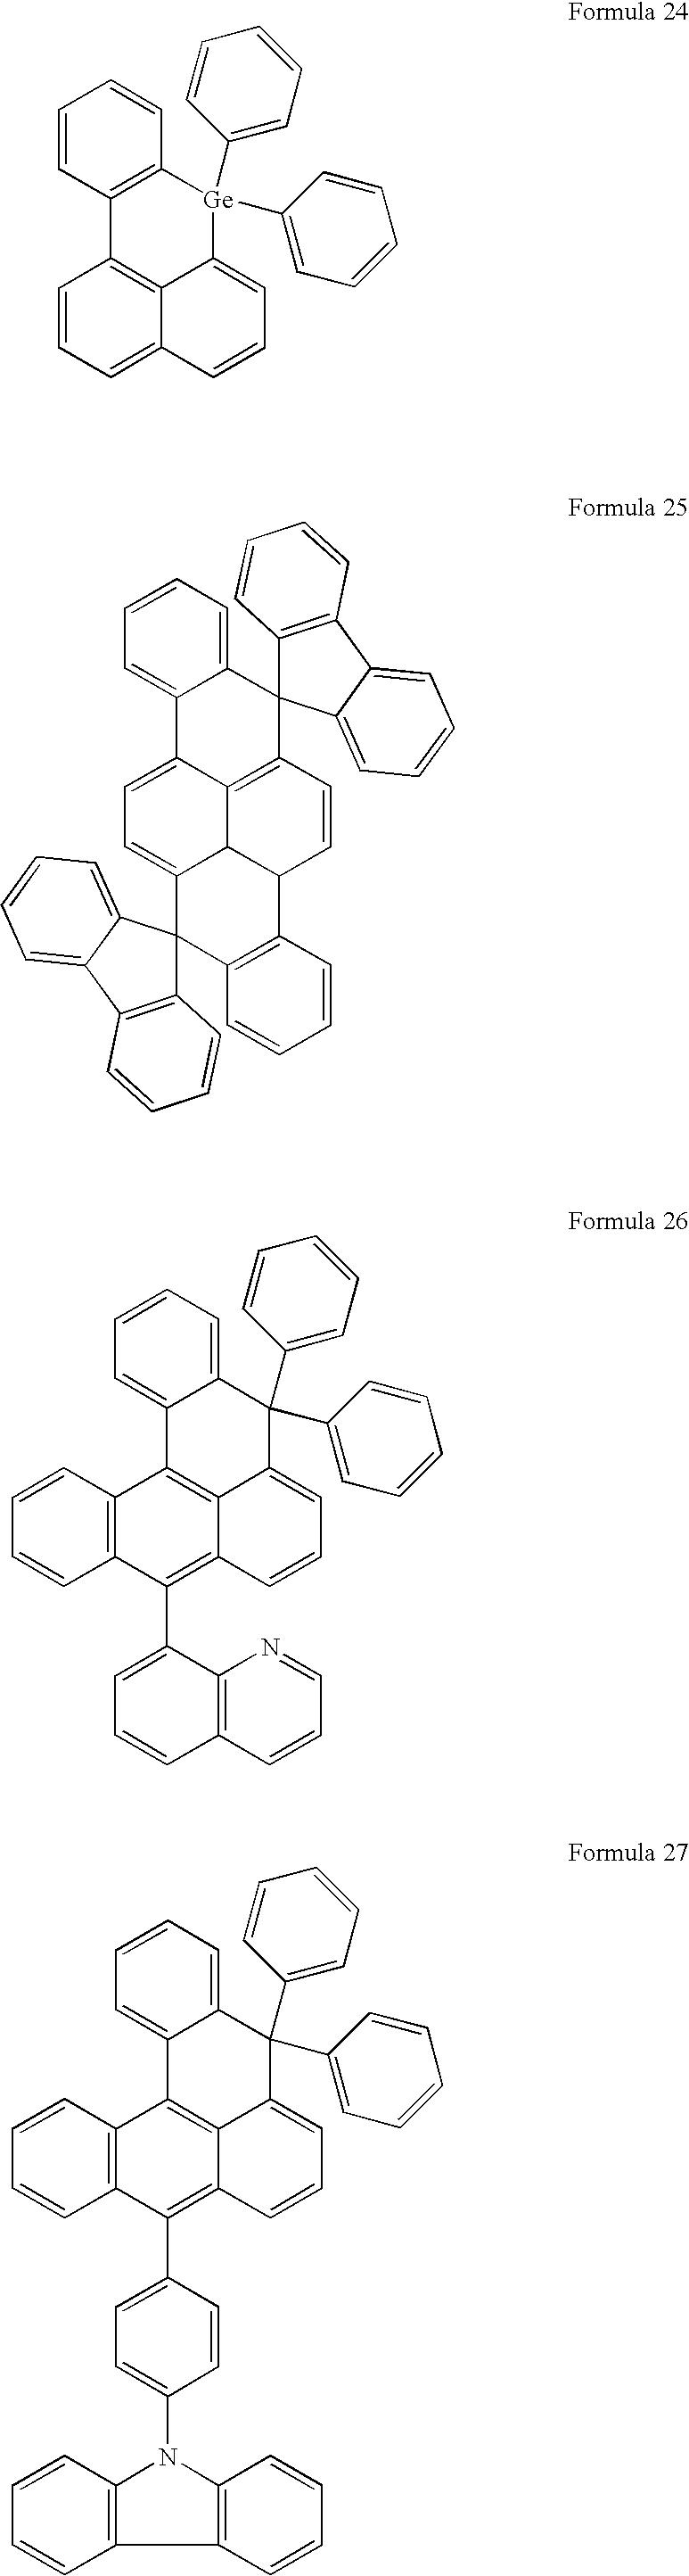 Figure US20080100208A1-20080501-C00012